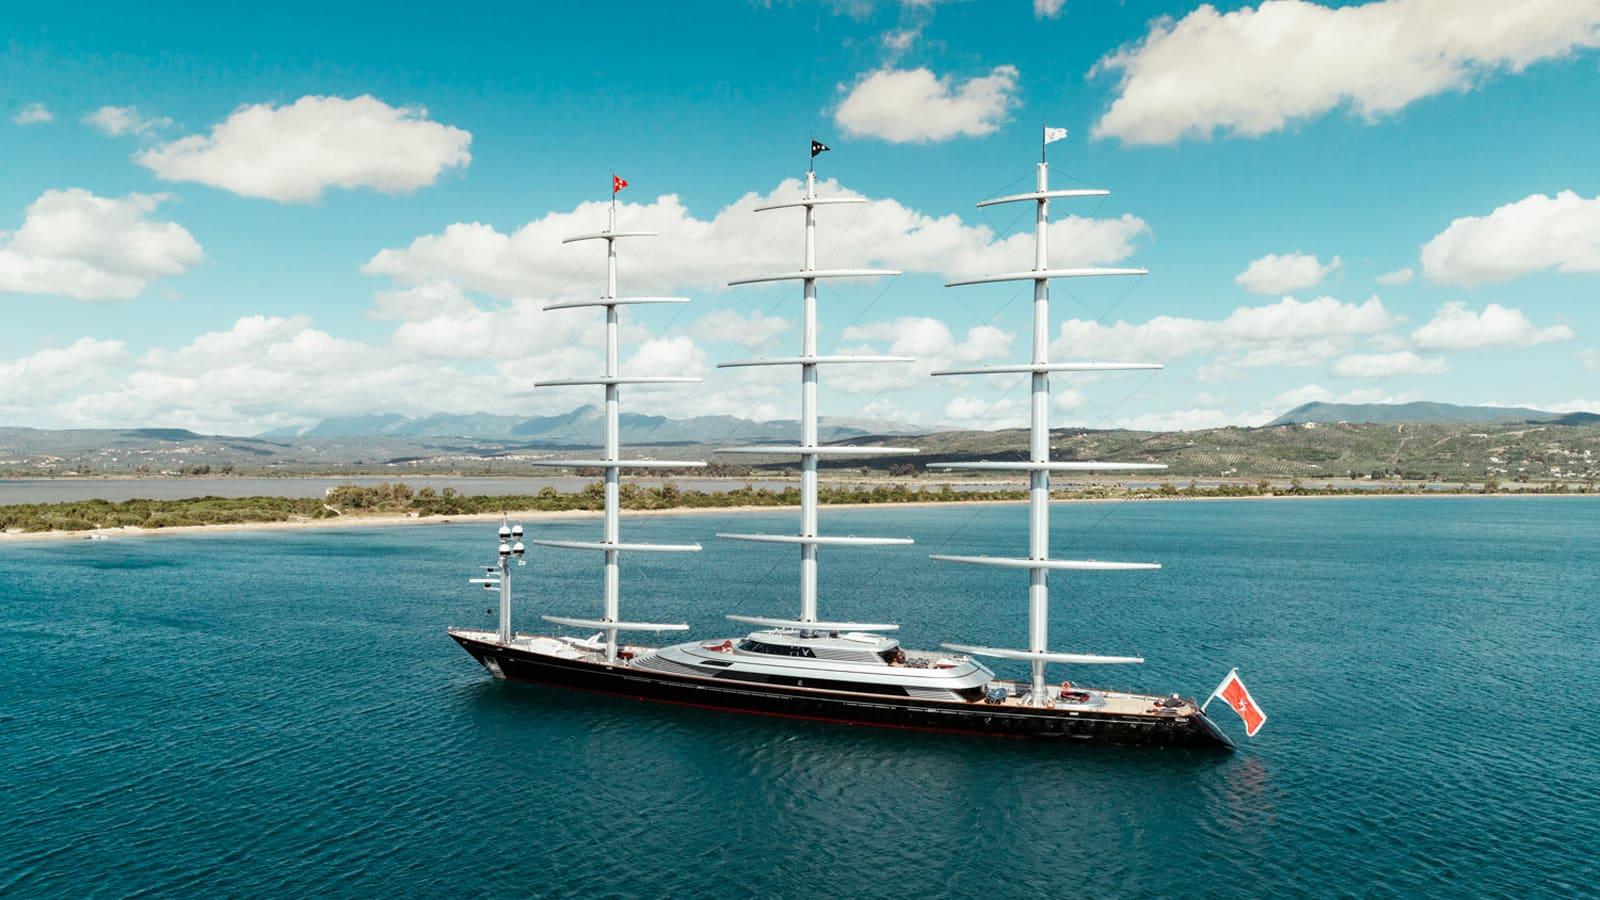 Maltese-Falcon-Yacht-IYC205-2.jpg